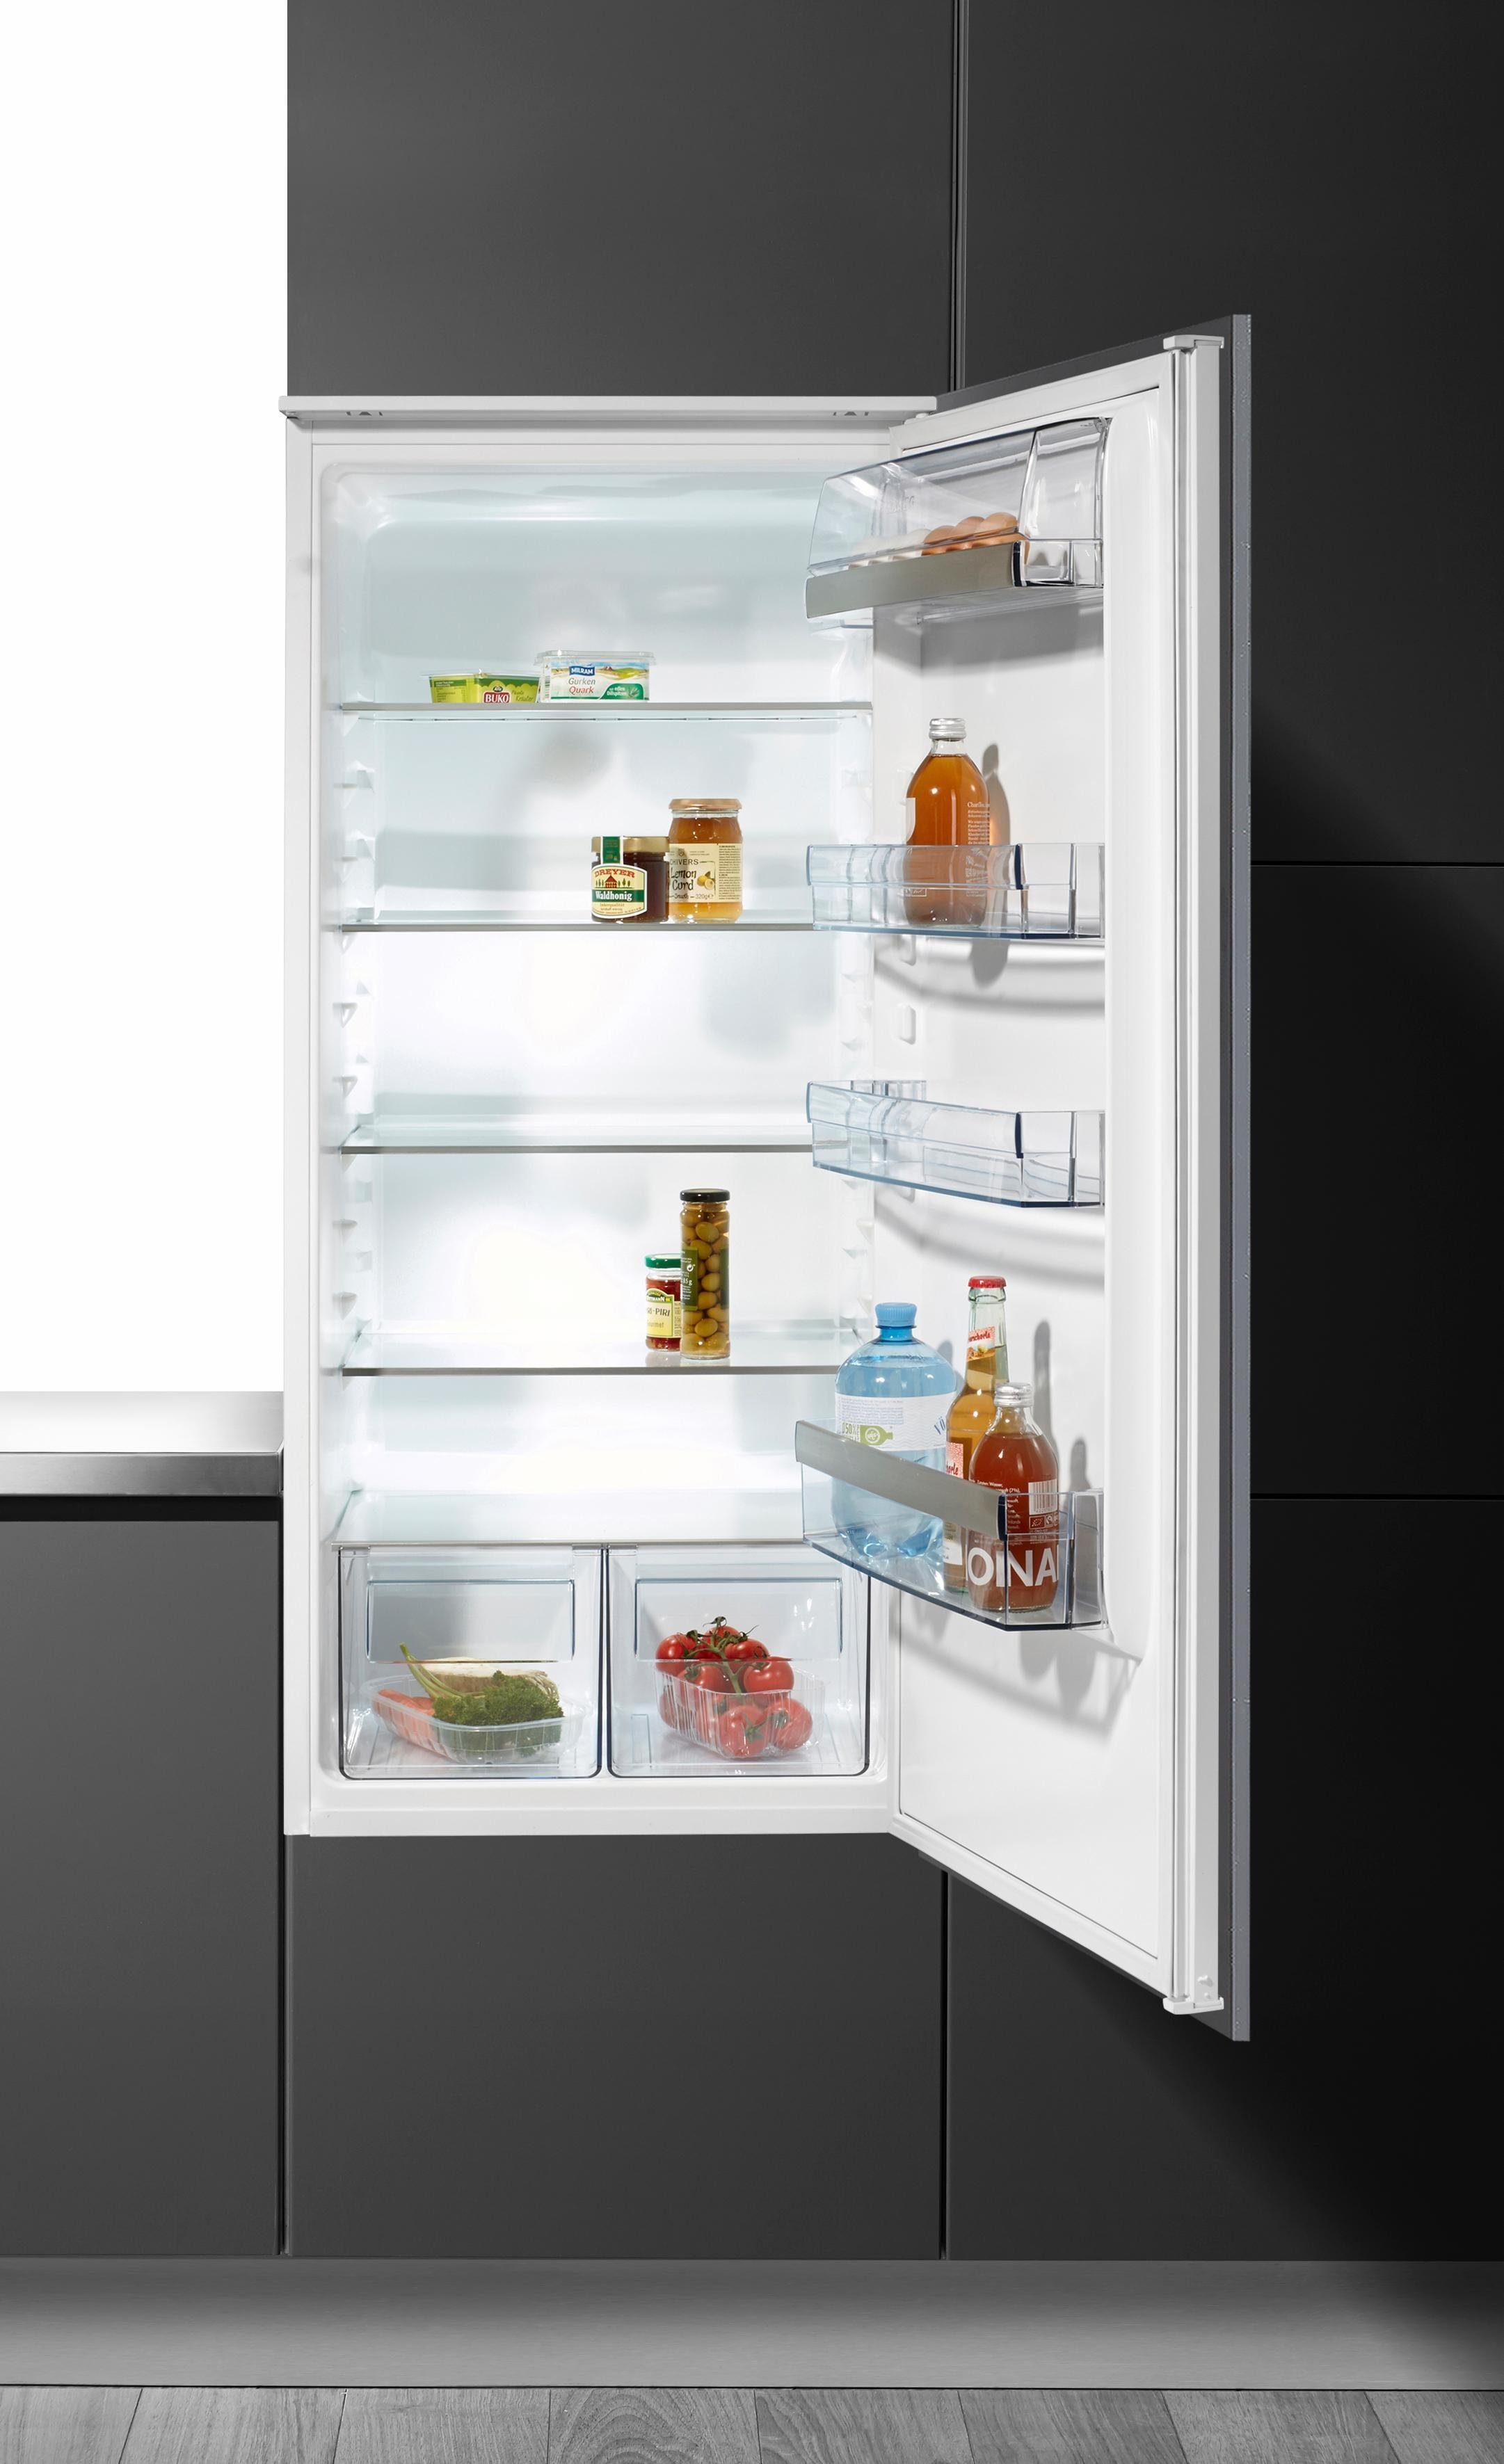 AEG integrierbarer Einbaukühlschrank SANTO / SKS51200S1, A+, 121,8 cm hoch